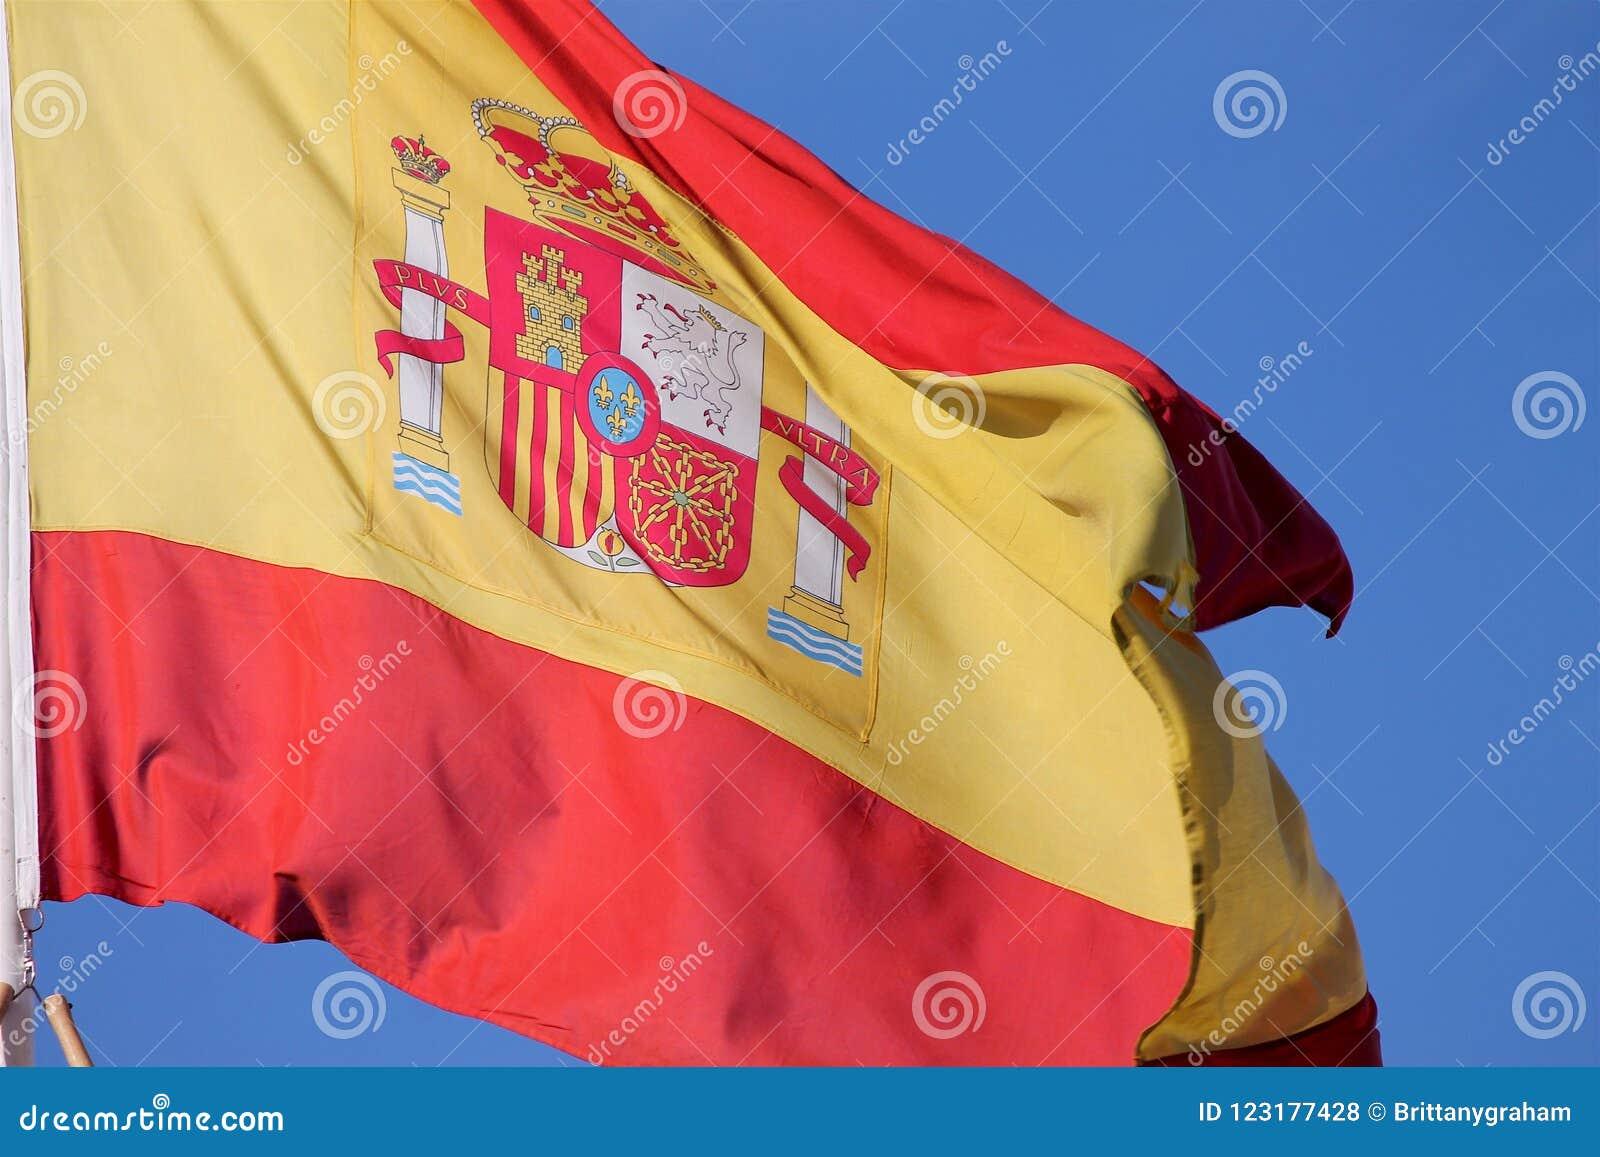 Que reinos representa el escudo de espana